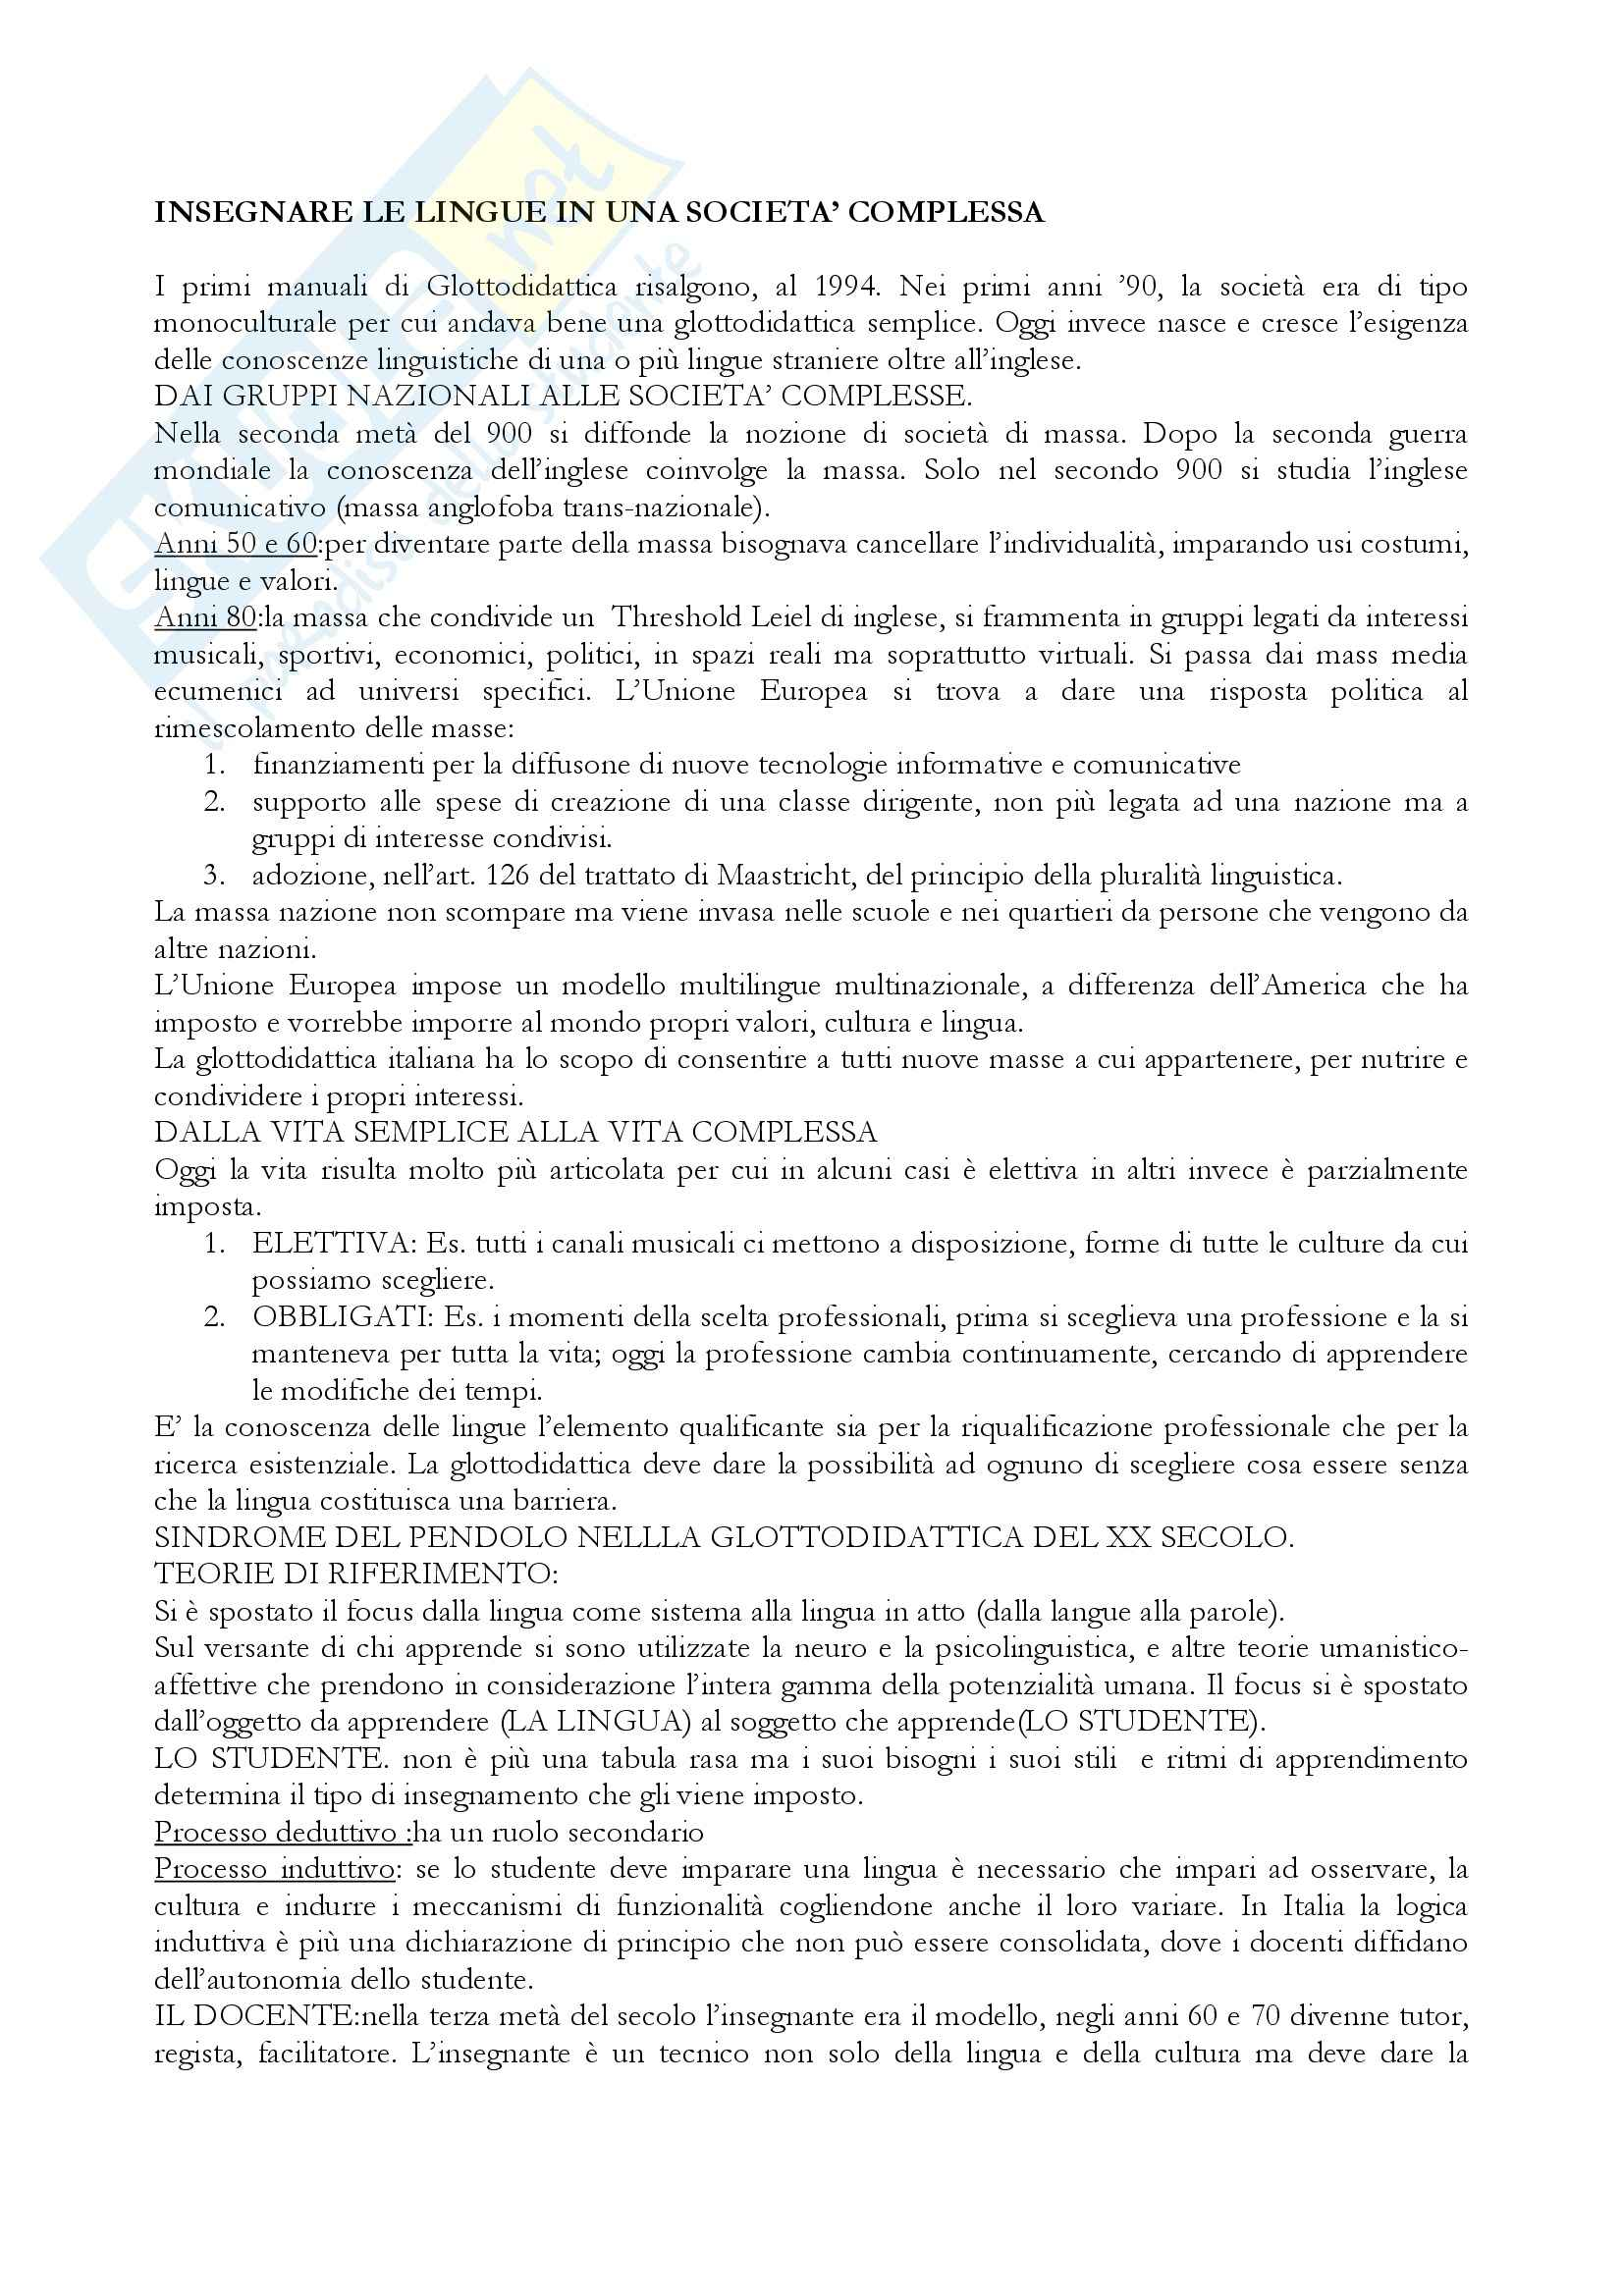 Riassunto esame Linguistica informatica, prof. Di Sparti, libro consigliato Le sfide di Babele, Balboni